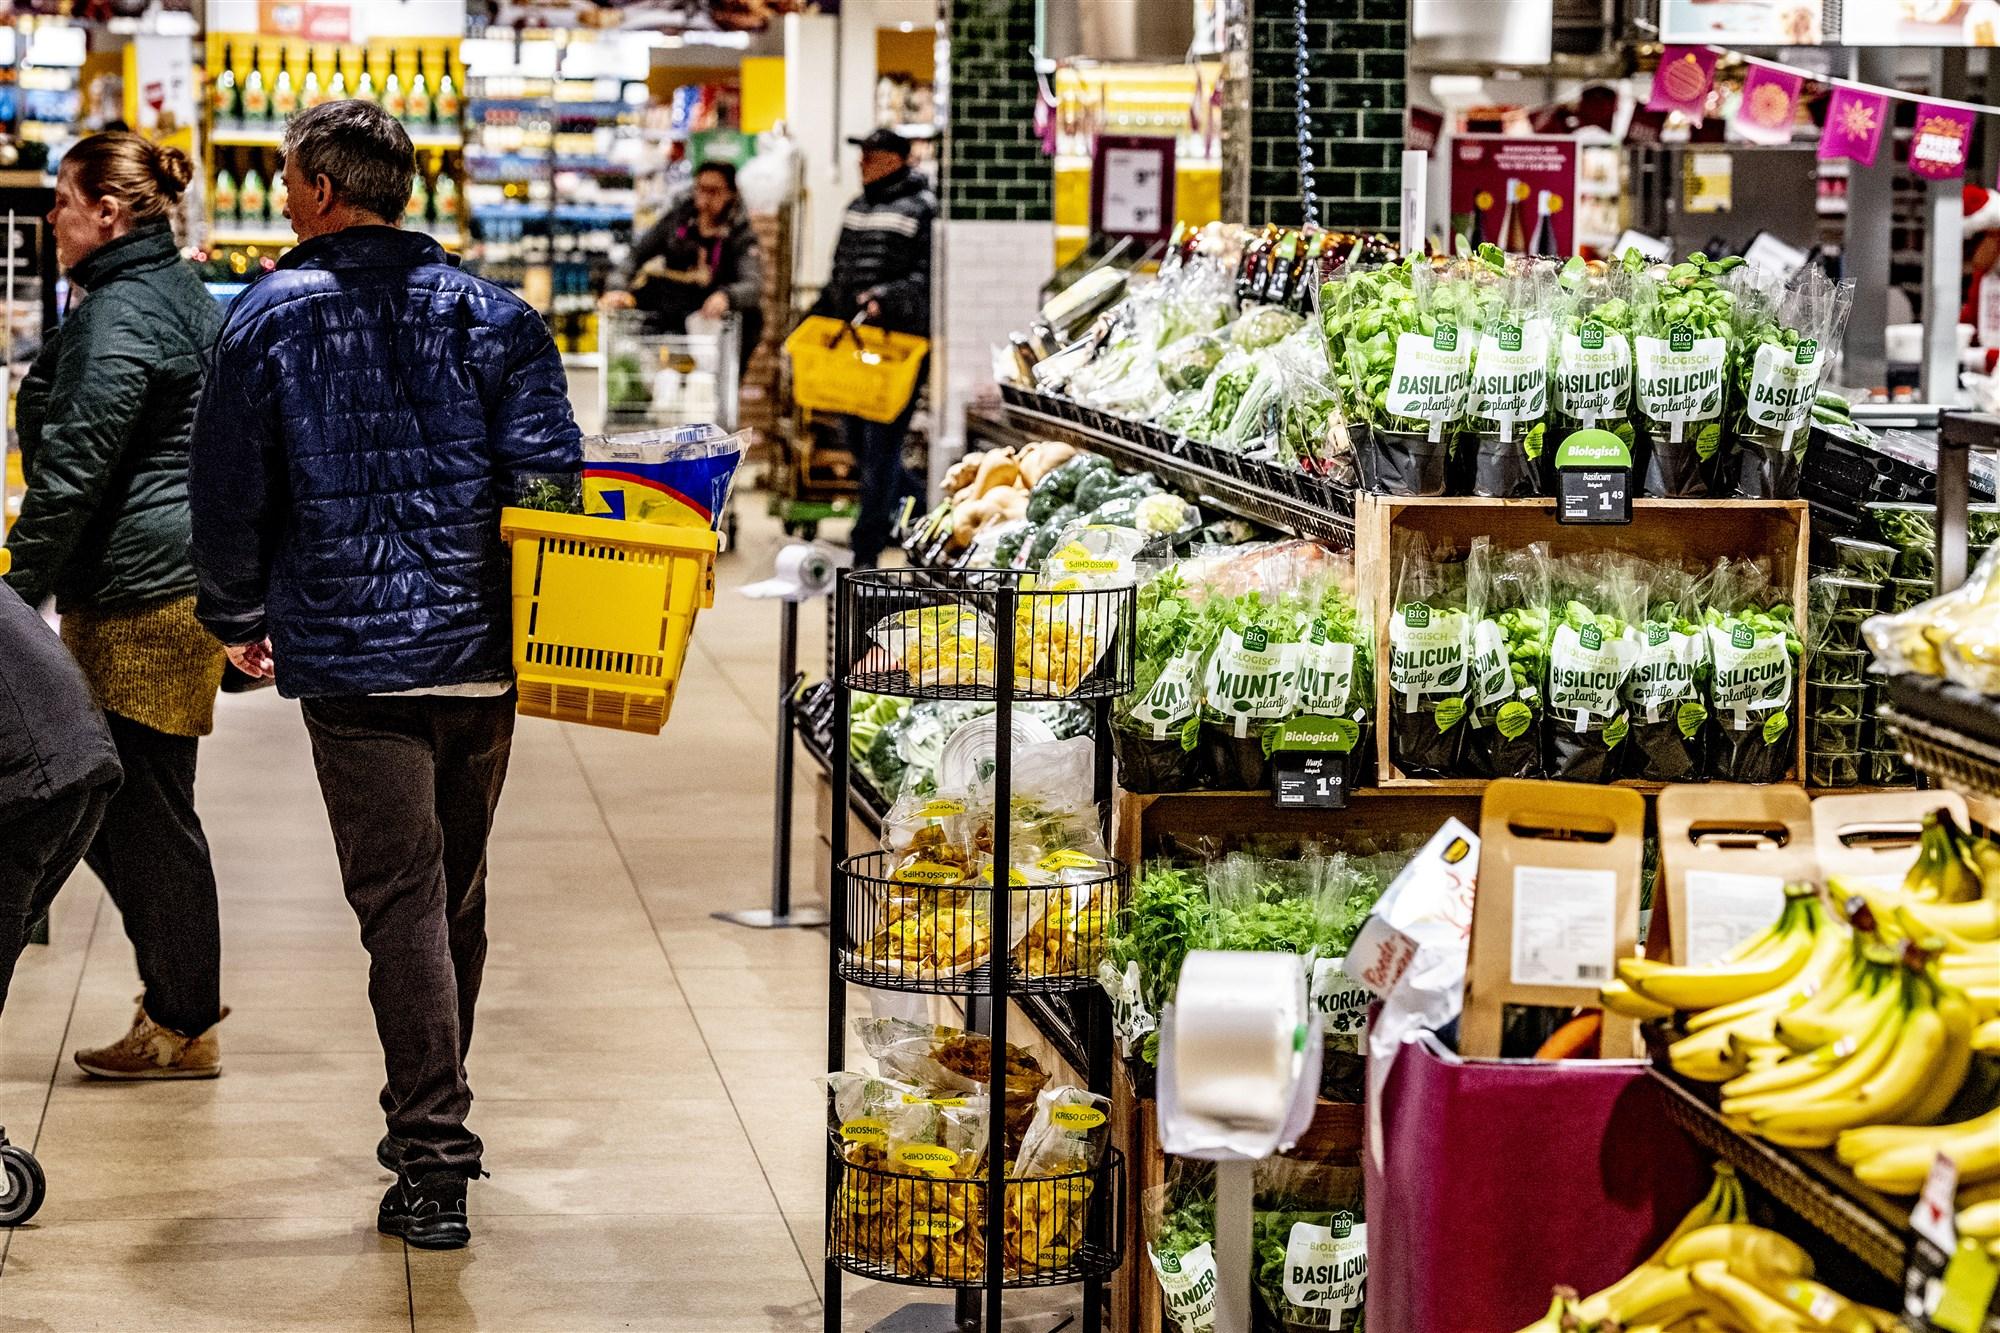 vacatures jumbo supermarkt pasen winkels open